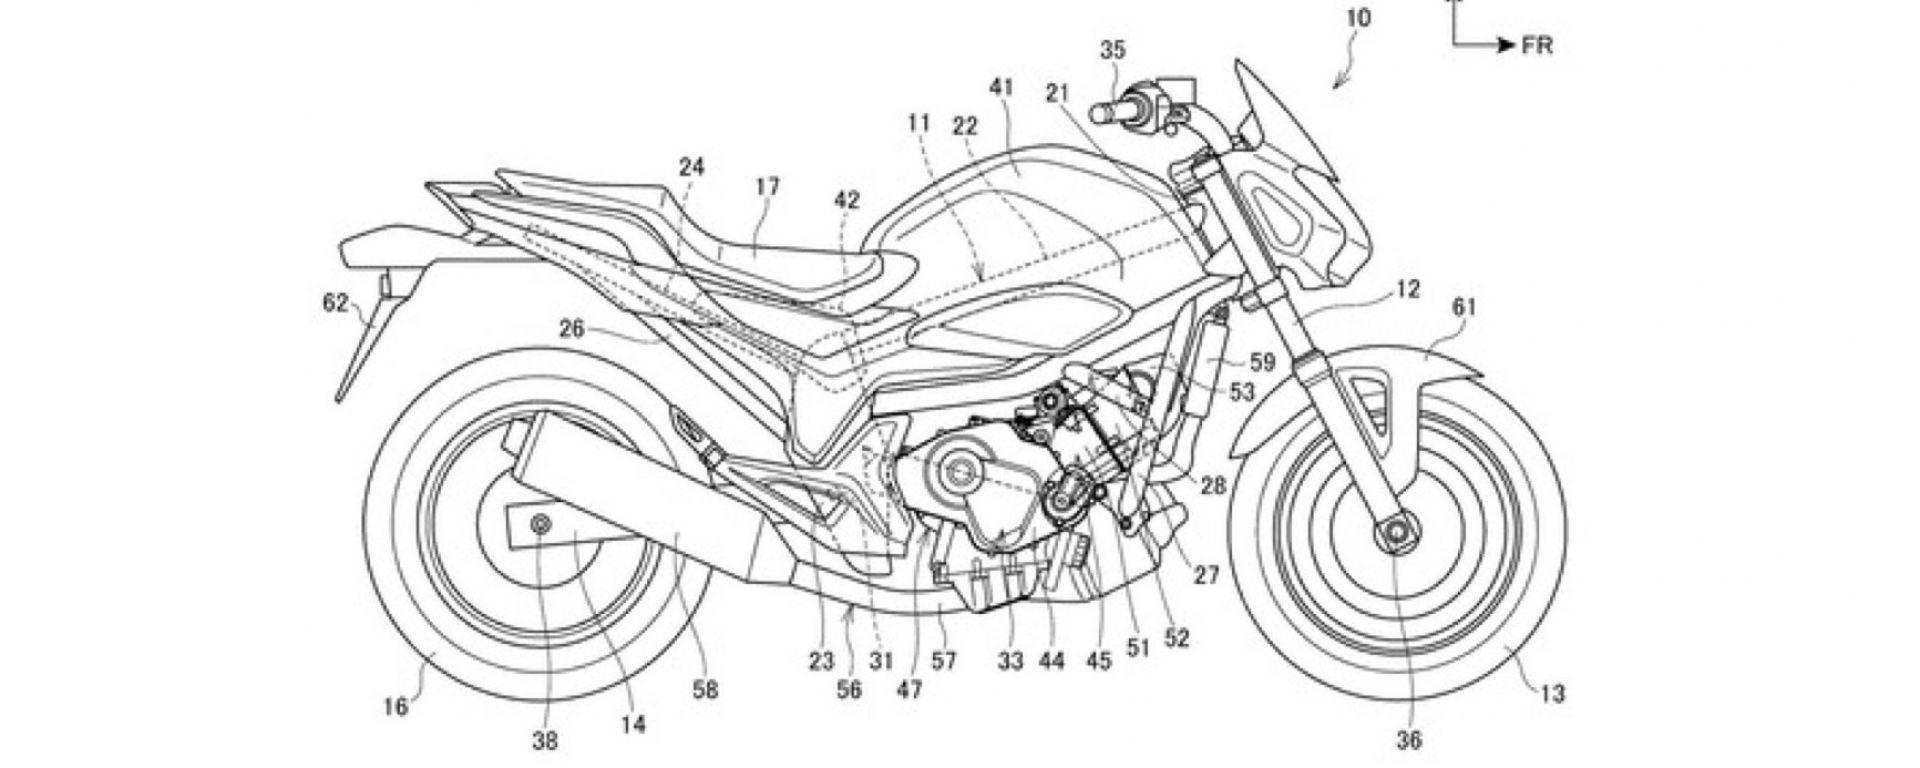 Alcuni dettagli del progetto relativo al nuovo motore bicilindrico Honda da 850 cc